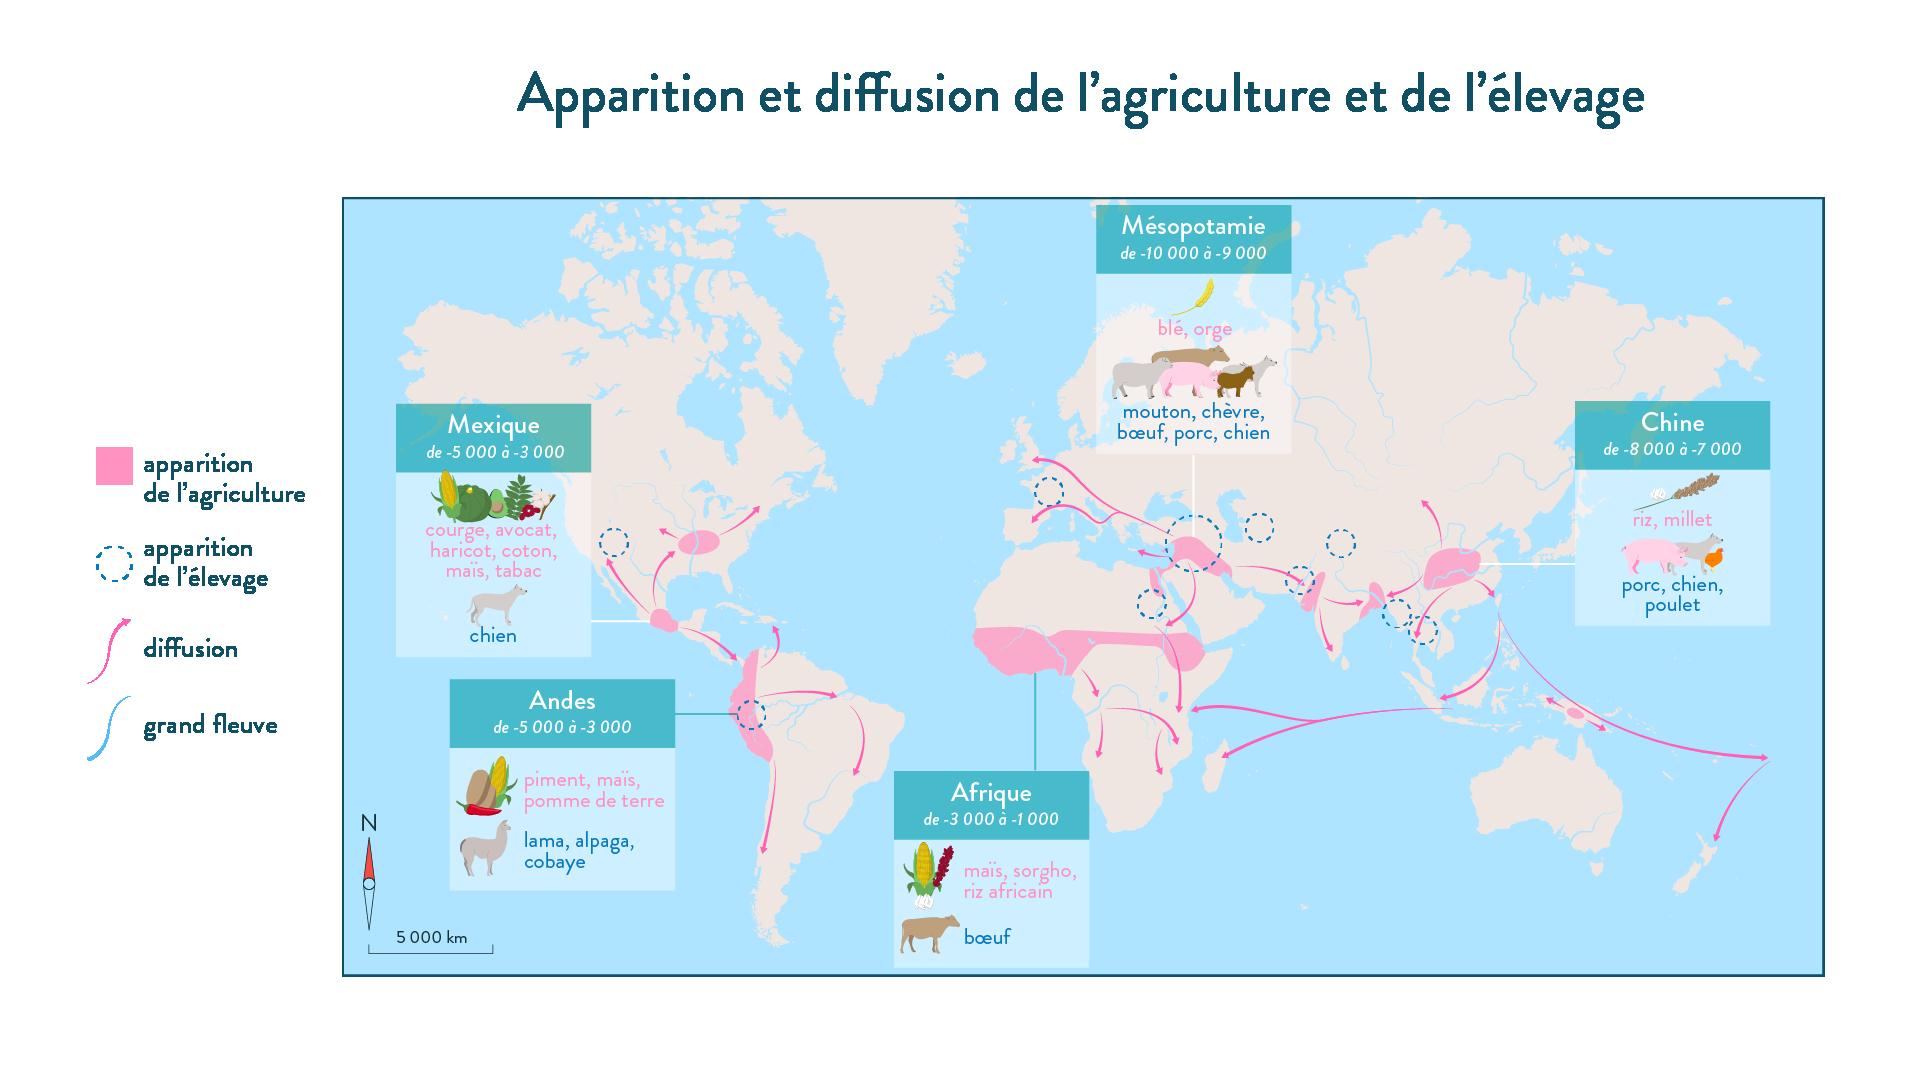 Apparition et diffusion de l'agriculture et de l'élevage-6e-Histoire